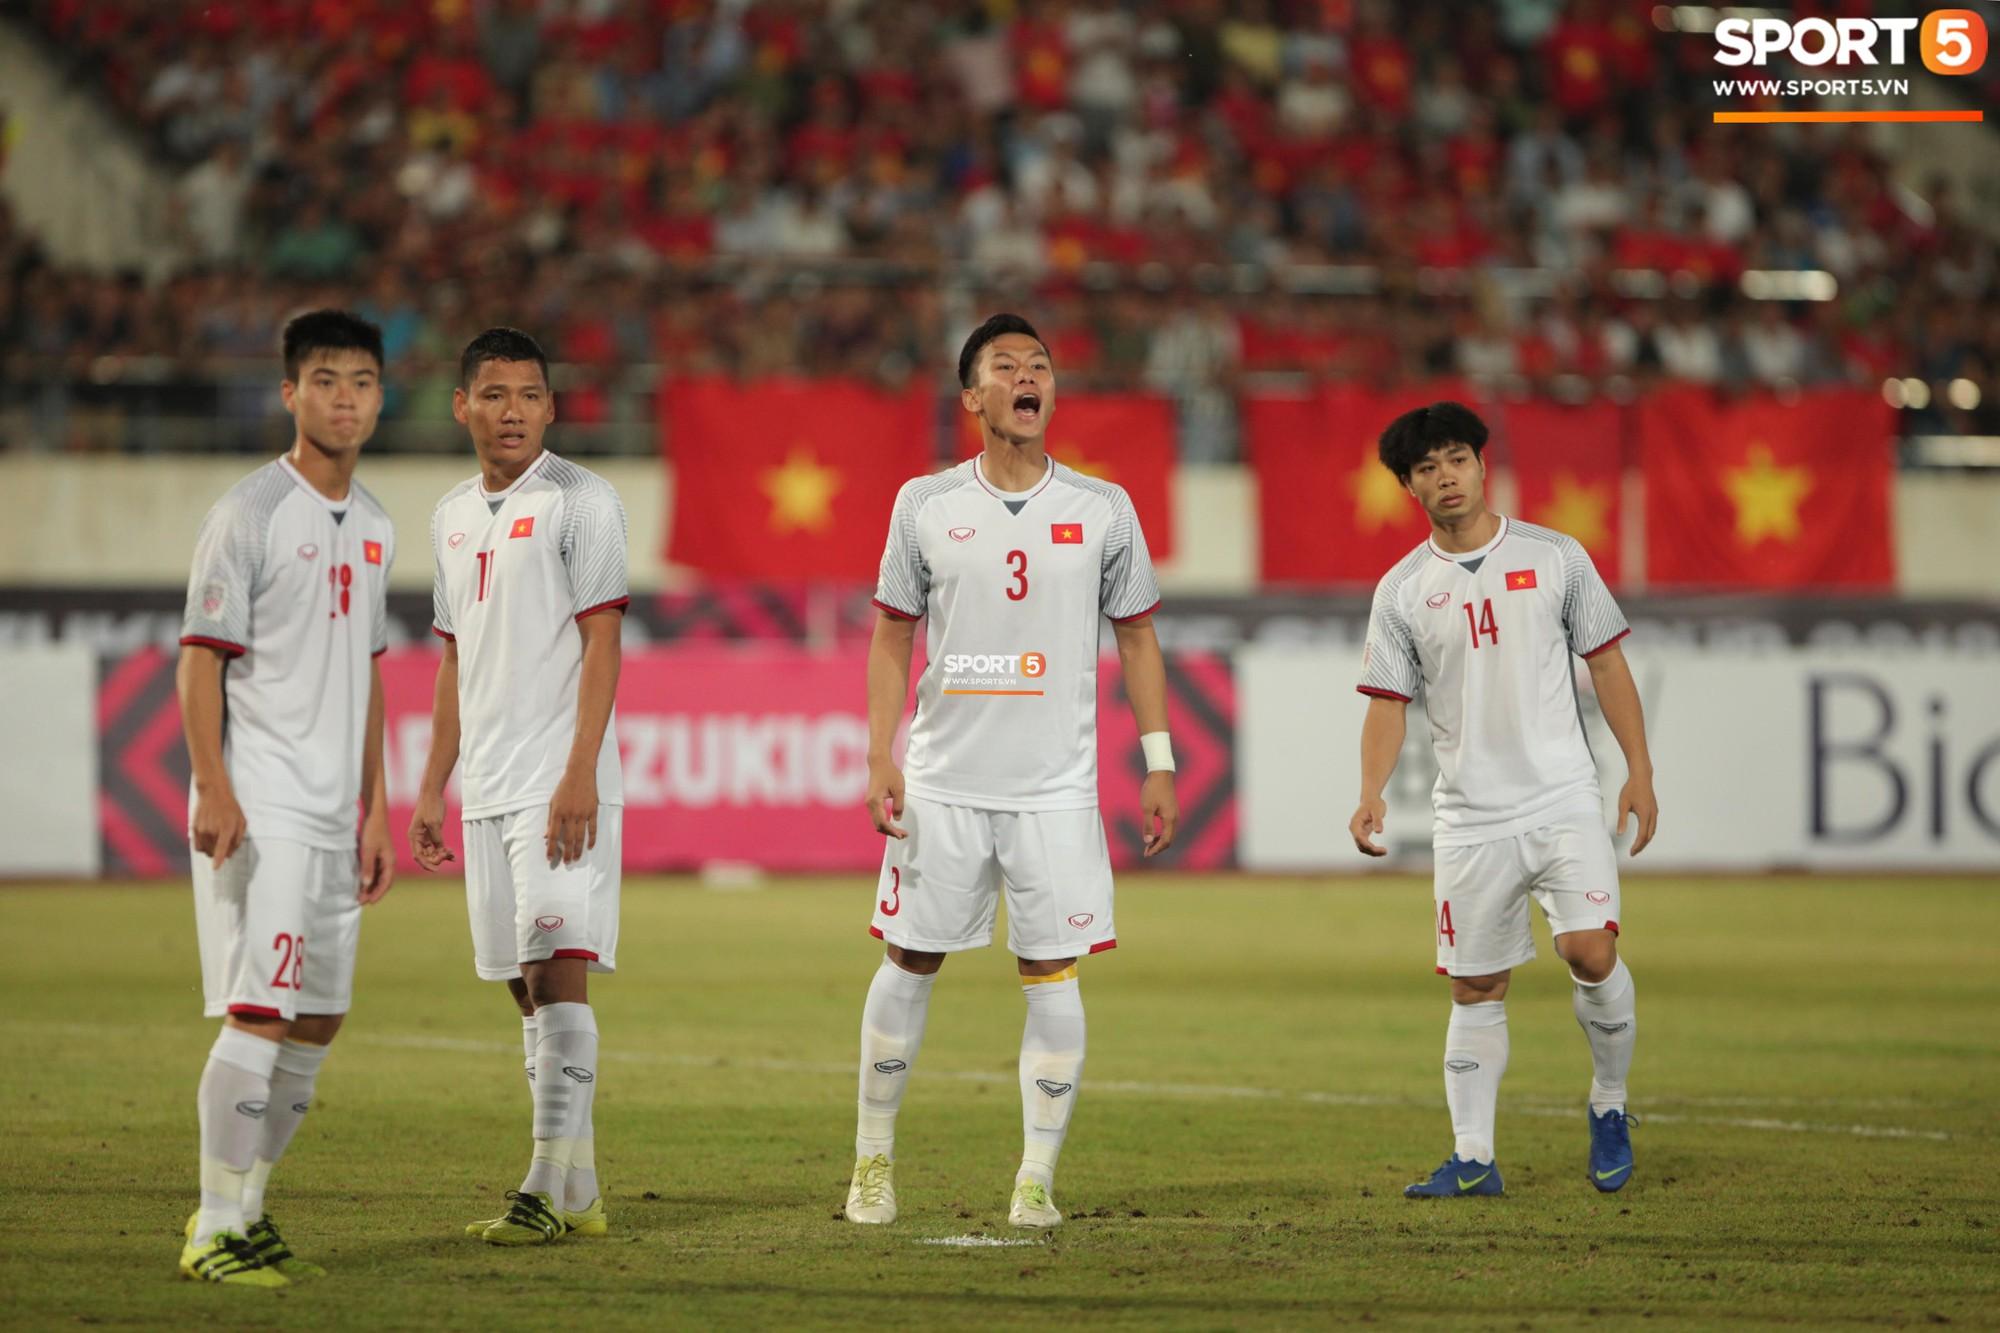 Đoàn Văn Hậu dùng tay chơi bóng, nhận thẻ vàng tại AFF CUP 2018- Ảnh 2.